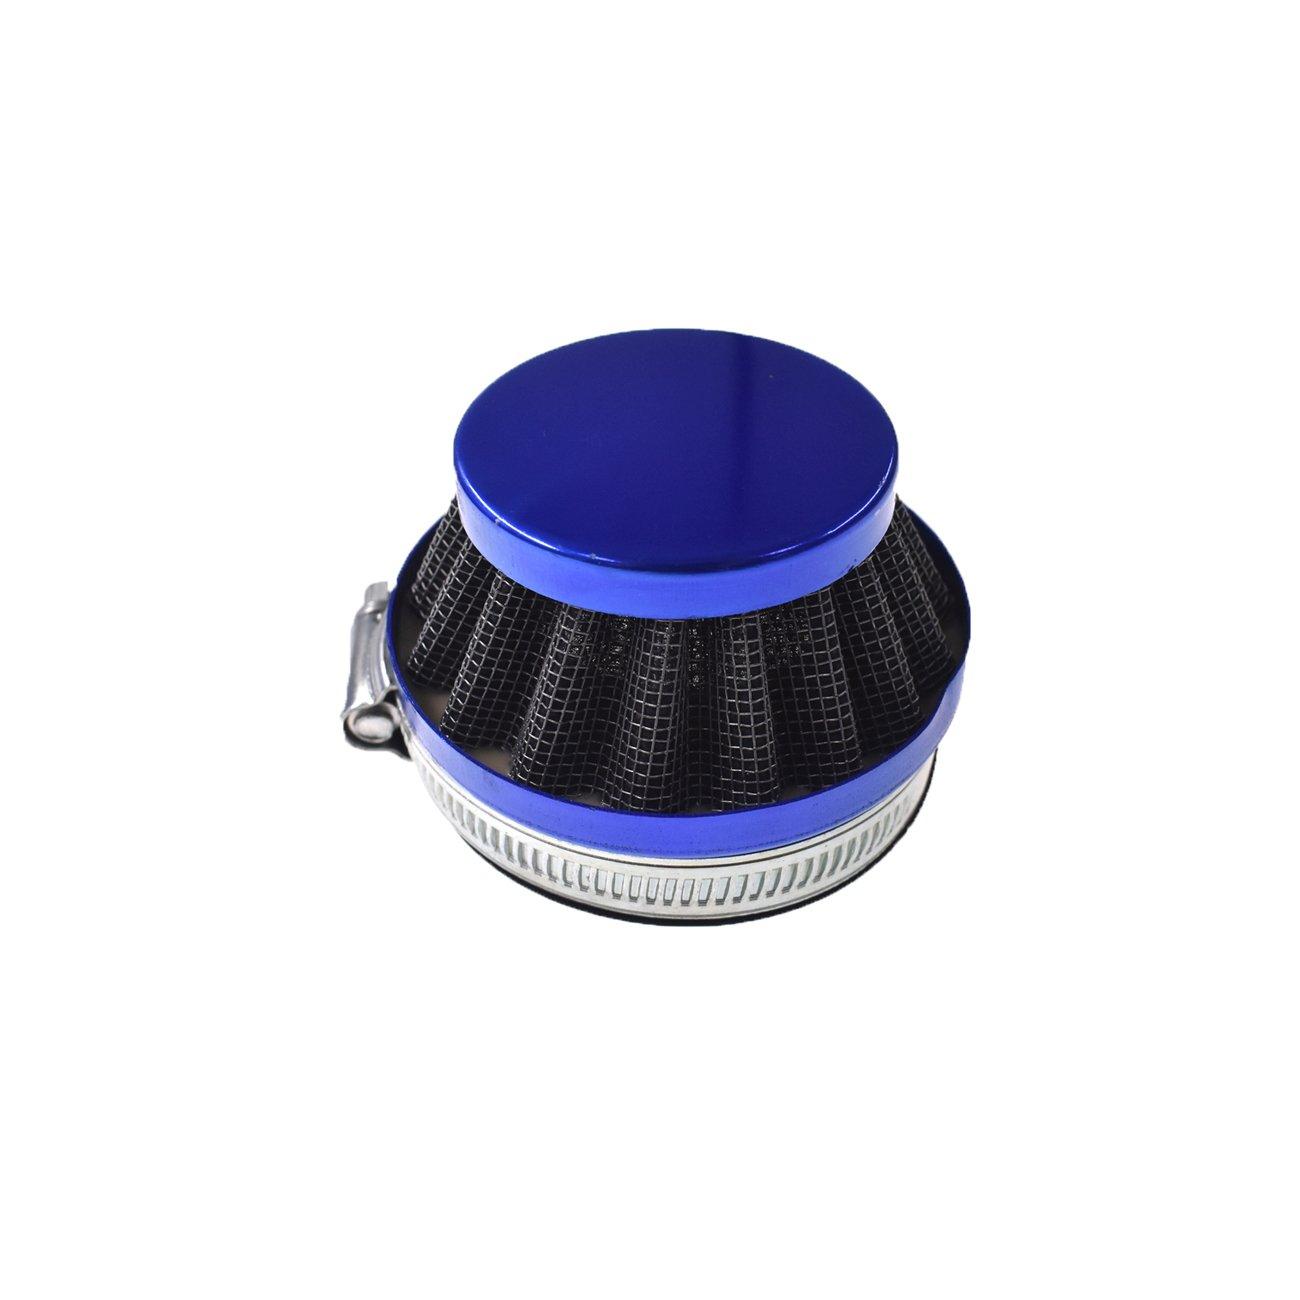 bleu G/én/érique Kit moteur Carburateur Filtre /à Air Collecteur dadmission Joints Pour 49cc 70cc 80cc v/élo motoris/é mini moto /à 2 temps